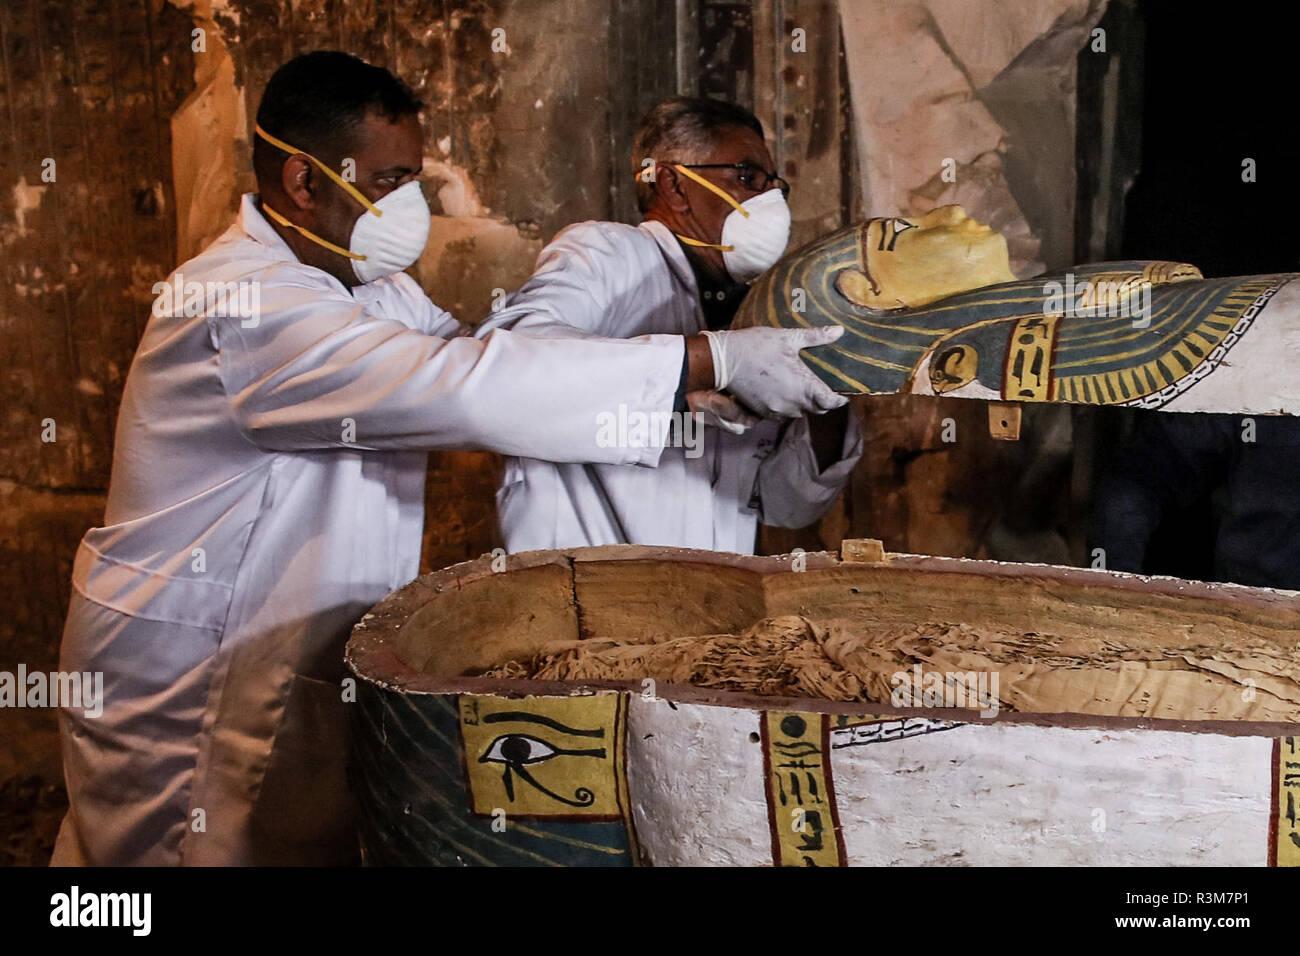 Luxor, Egipto. 24 de noviembre de 2018, Egipto, Luxor: inspeccionar un arqueólogo sarcophacos dentro de una tumba en la al-Assassif necrópolis. La tumba del capataz de la momificación Santuario ha sido desenterrados con su colección funerarios en Luxor, en la ribera occidental. Khaled El-Enany, Ministro Egipcio de Antigüedades, anunció que una tumba de Ramesside Thaw-Rakht-si, el crédito: dpa picture alliance/Alamy Live News Imagen De Stock